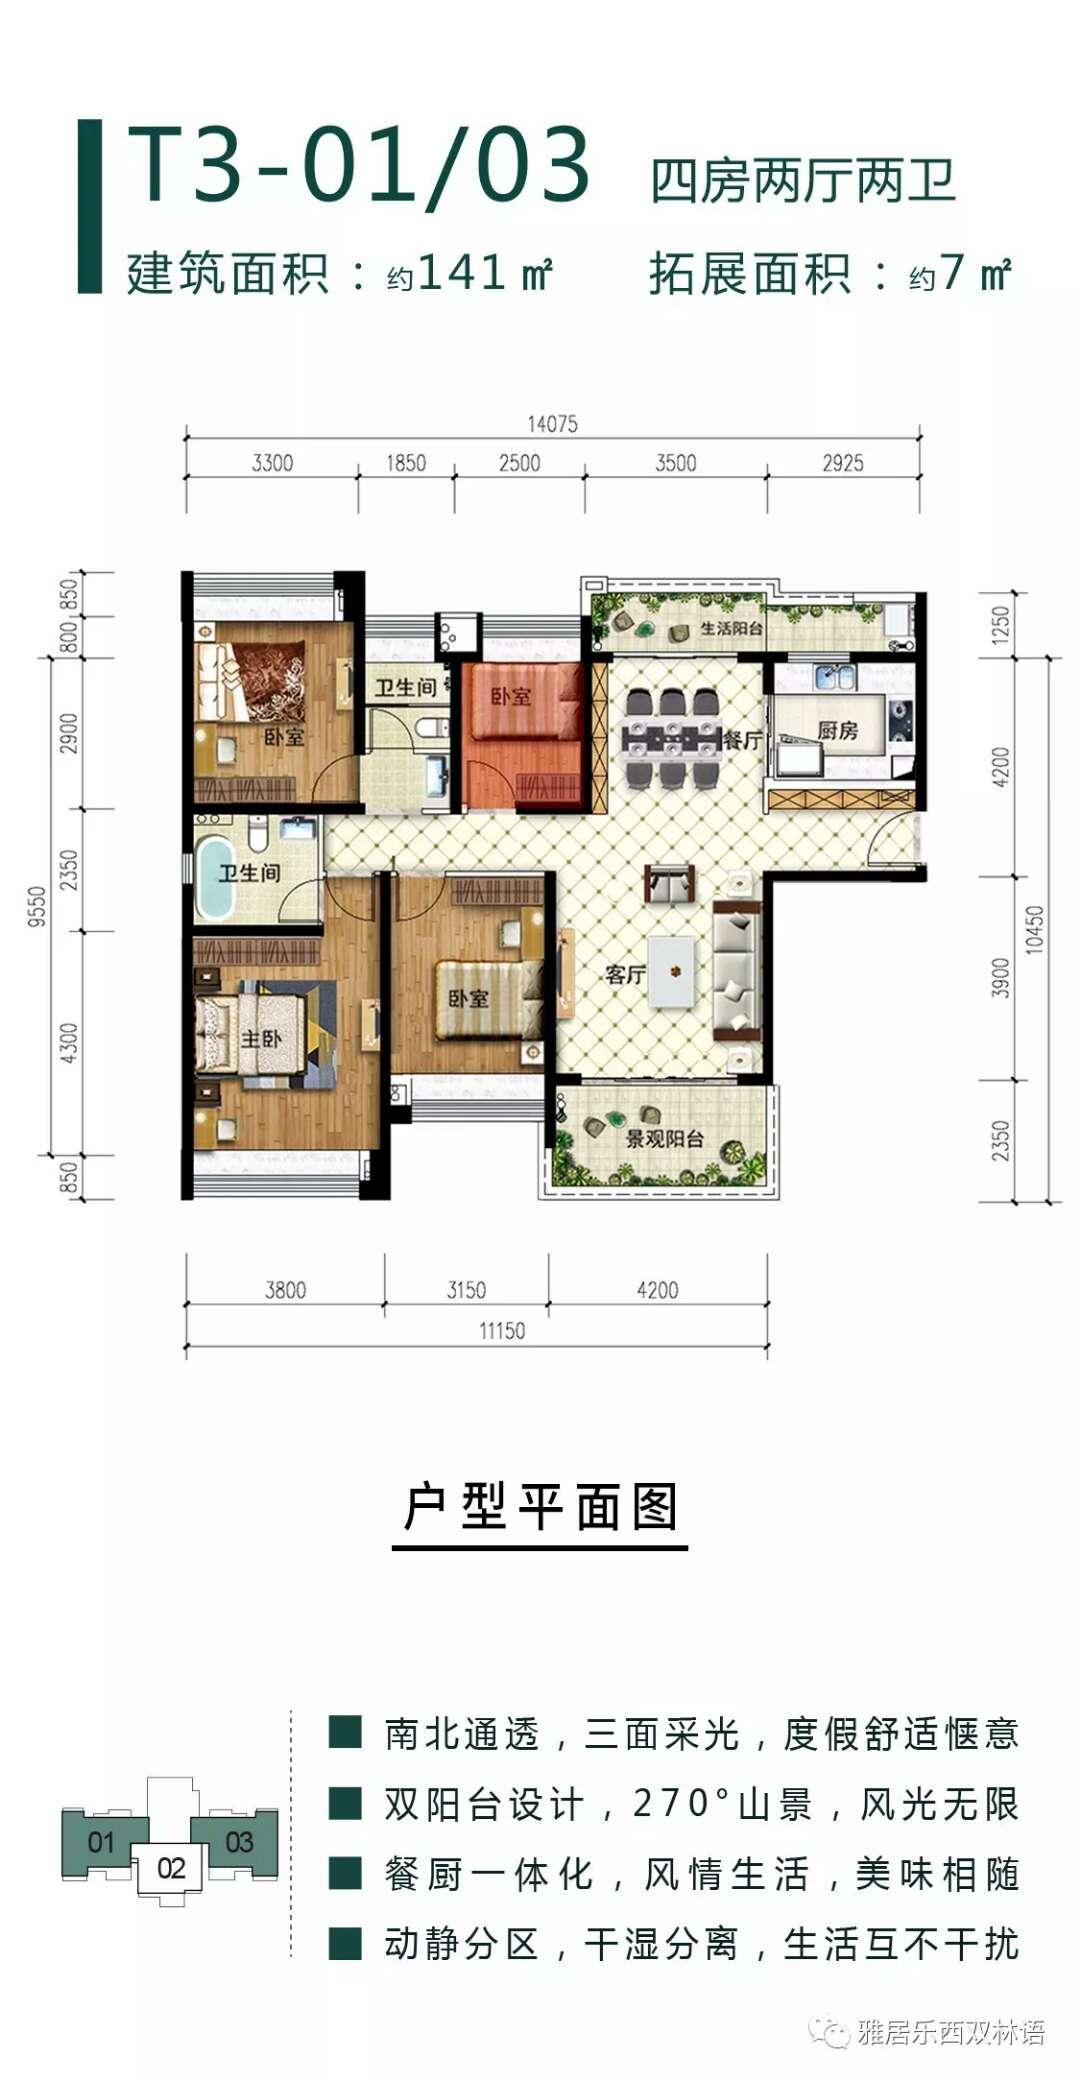 T3洋房 4房2厅2卫 约141平